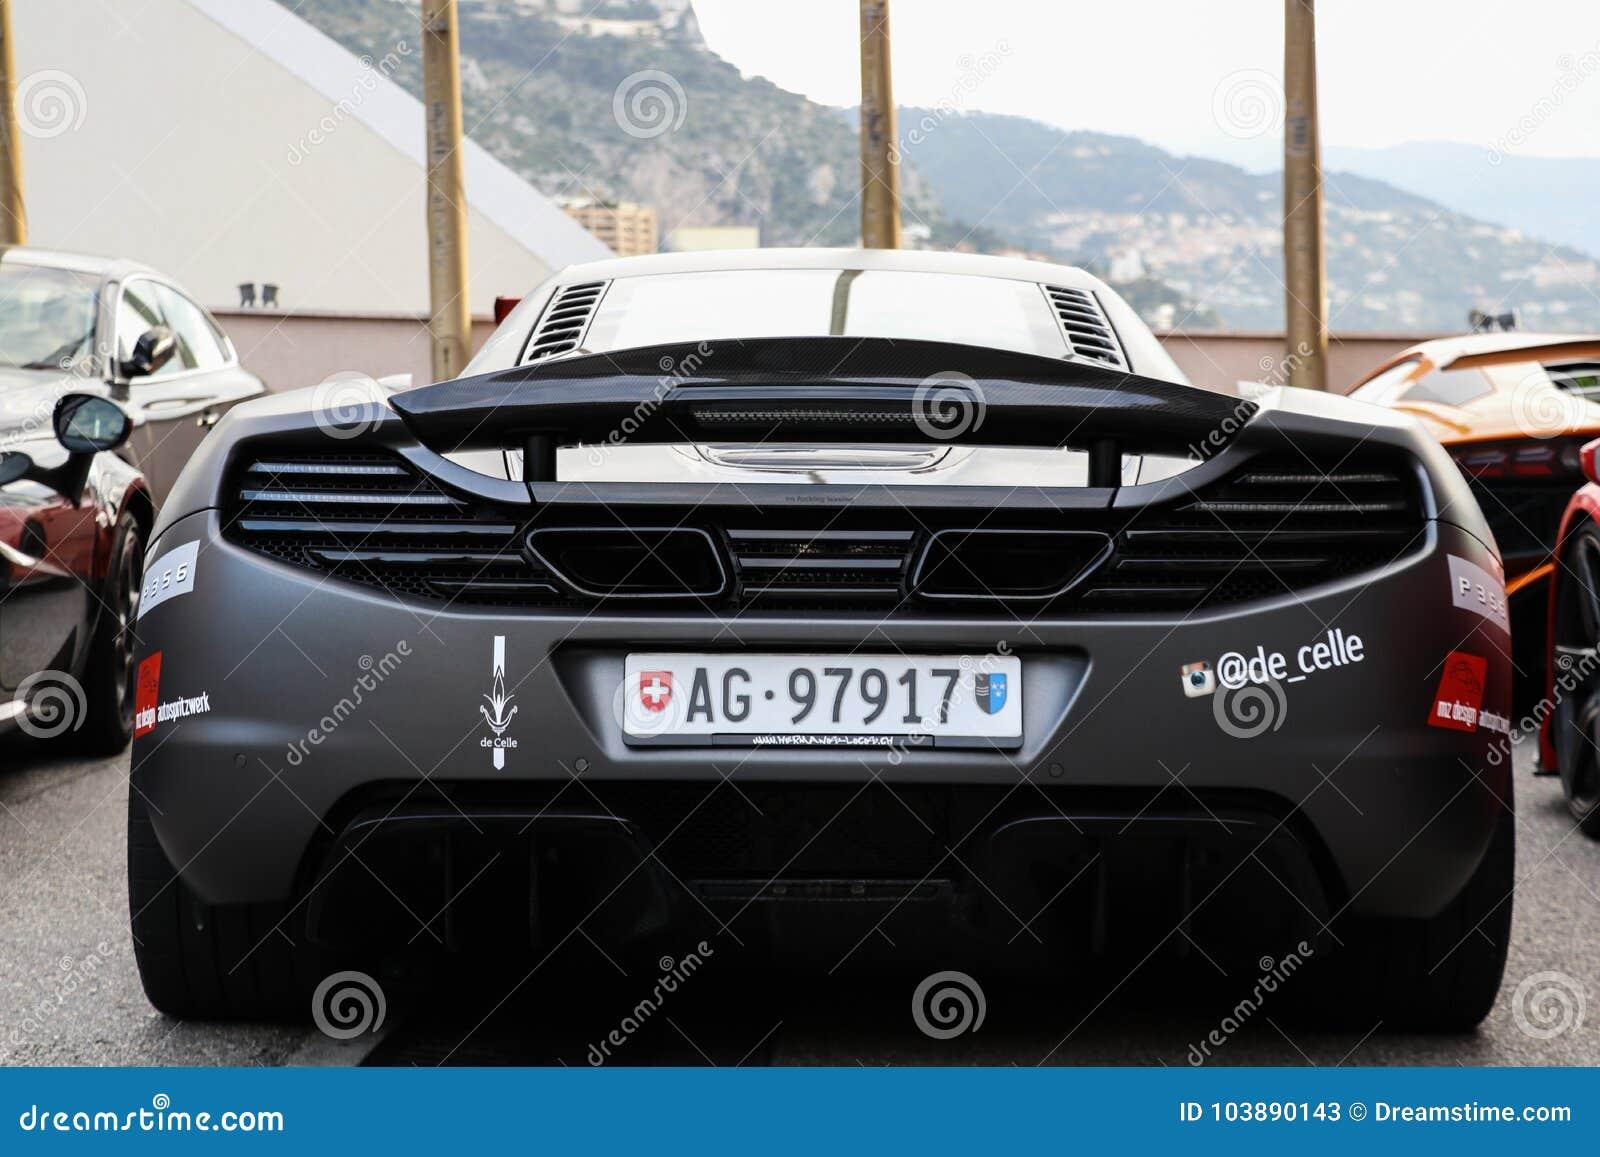 Lamborghini Murcielago Editorial Stock Photo Image Of Gumper